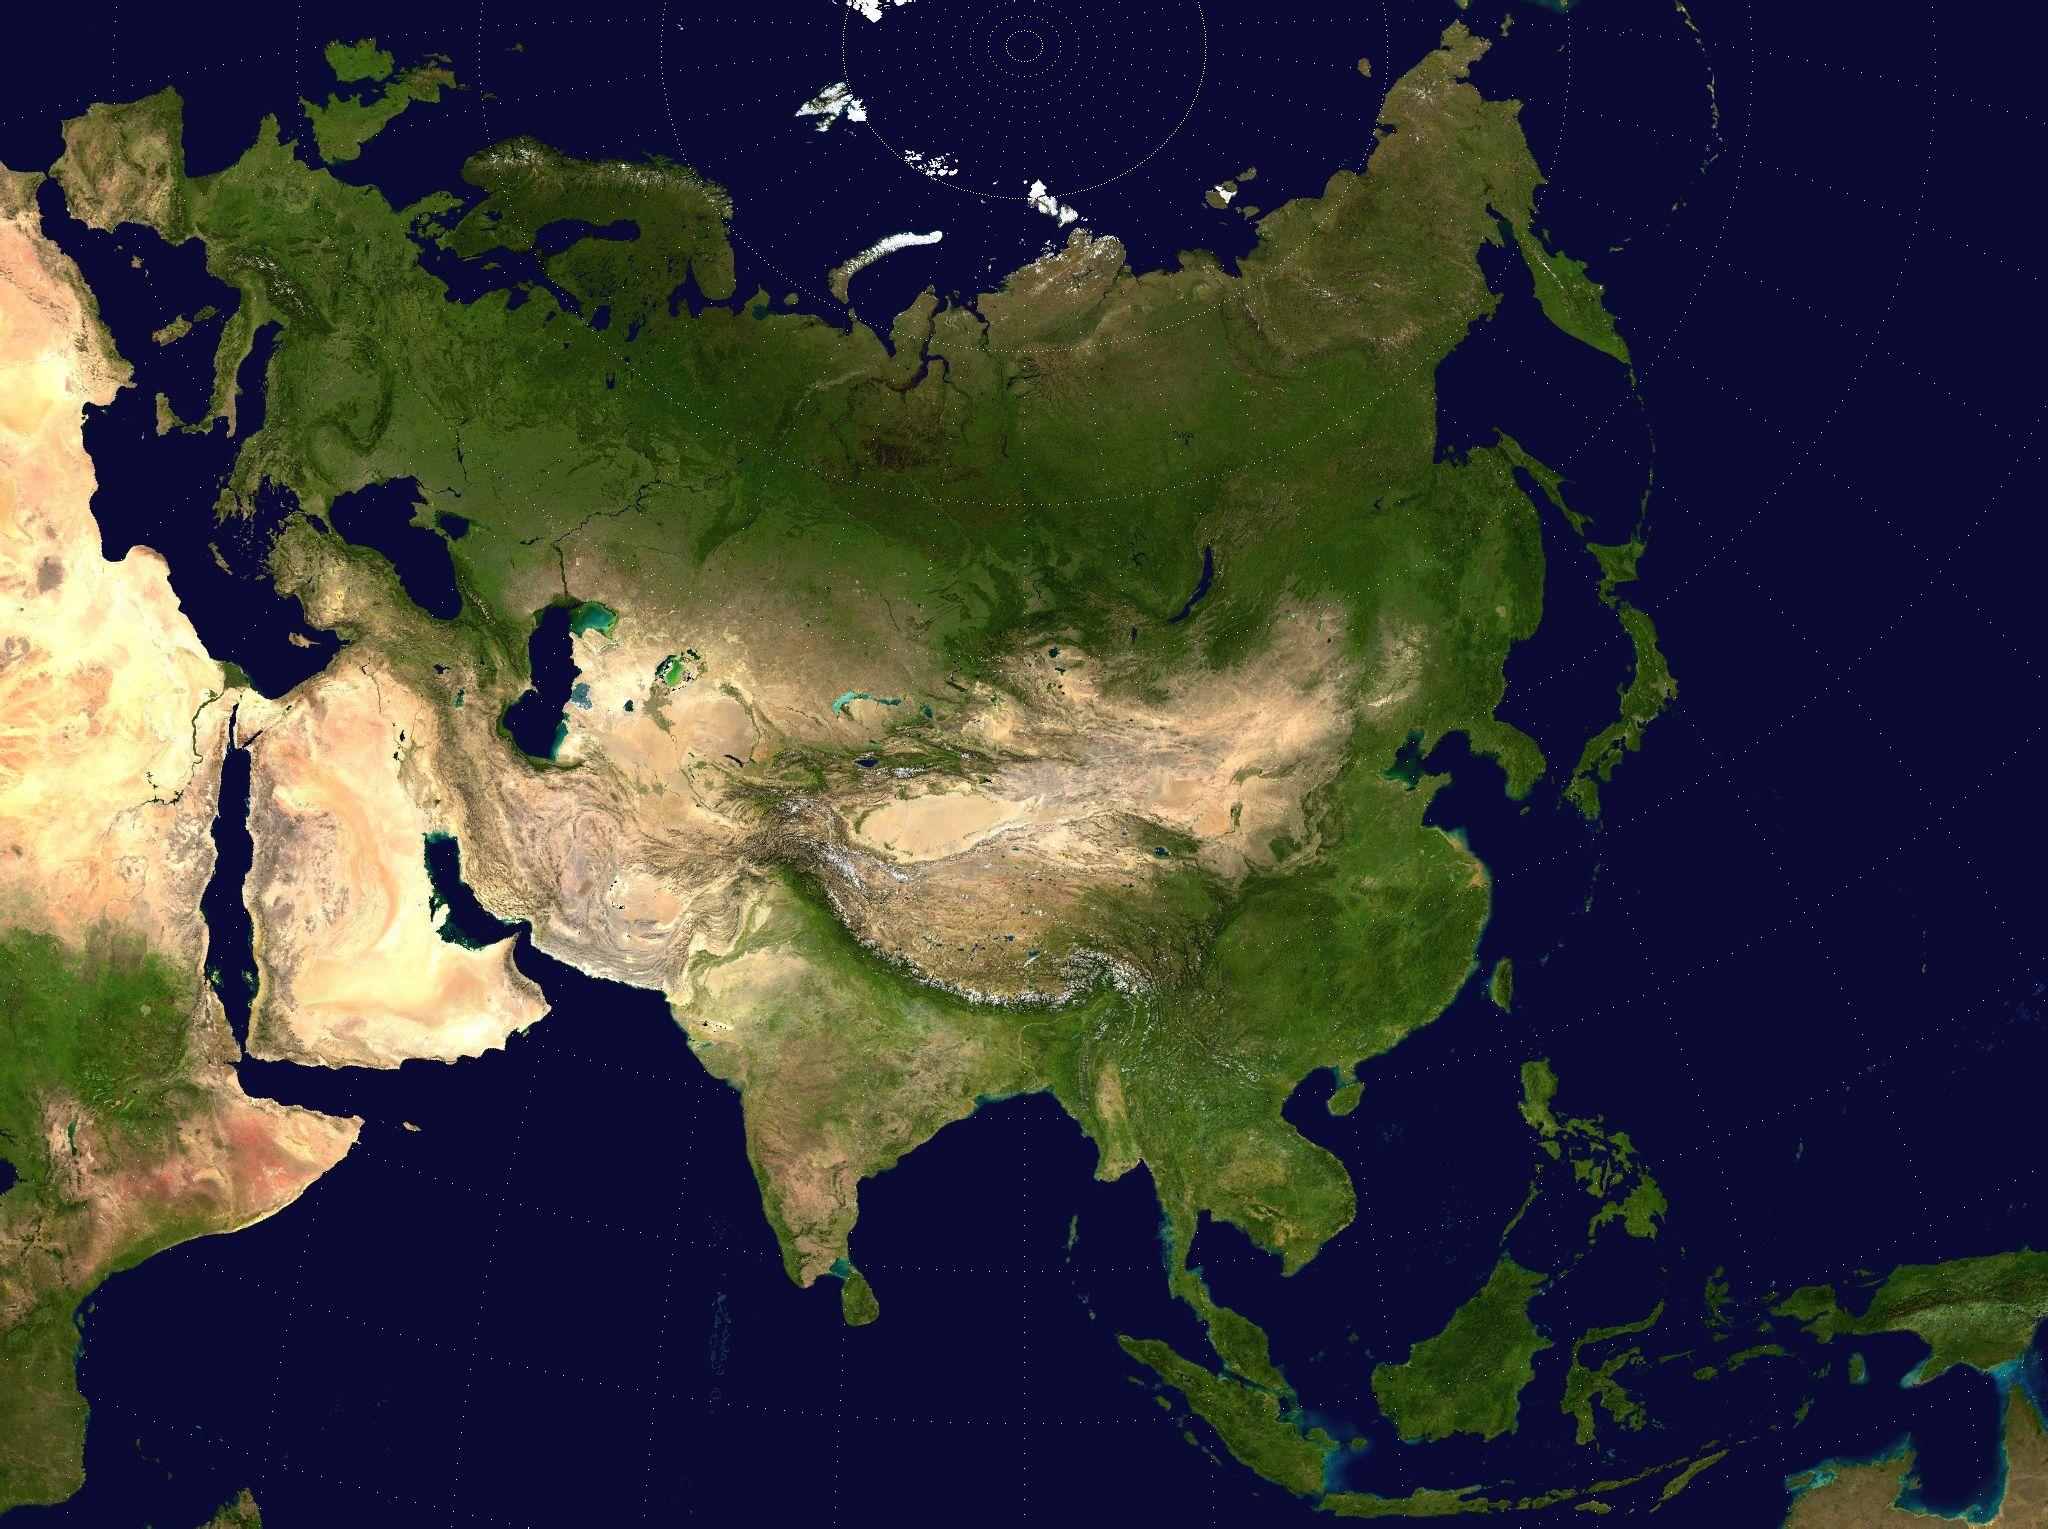 地貌图 卫星影像图